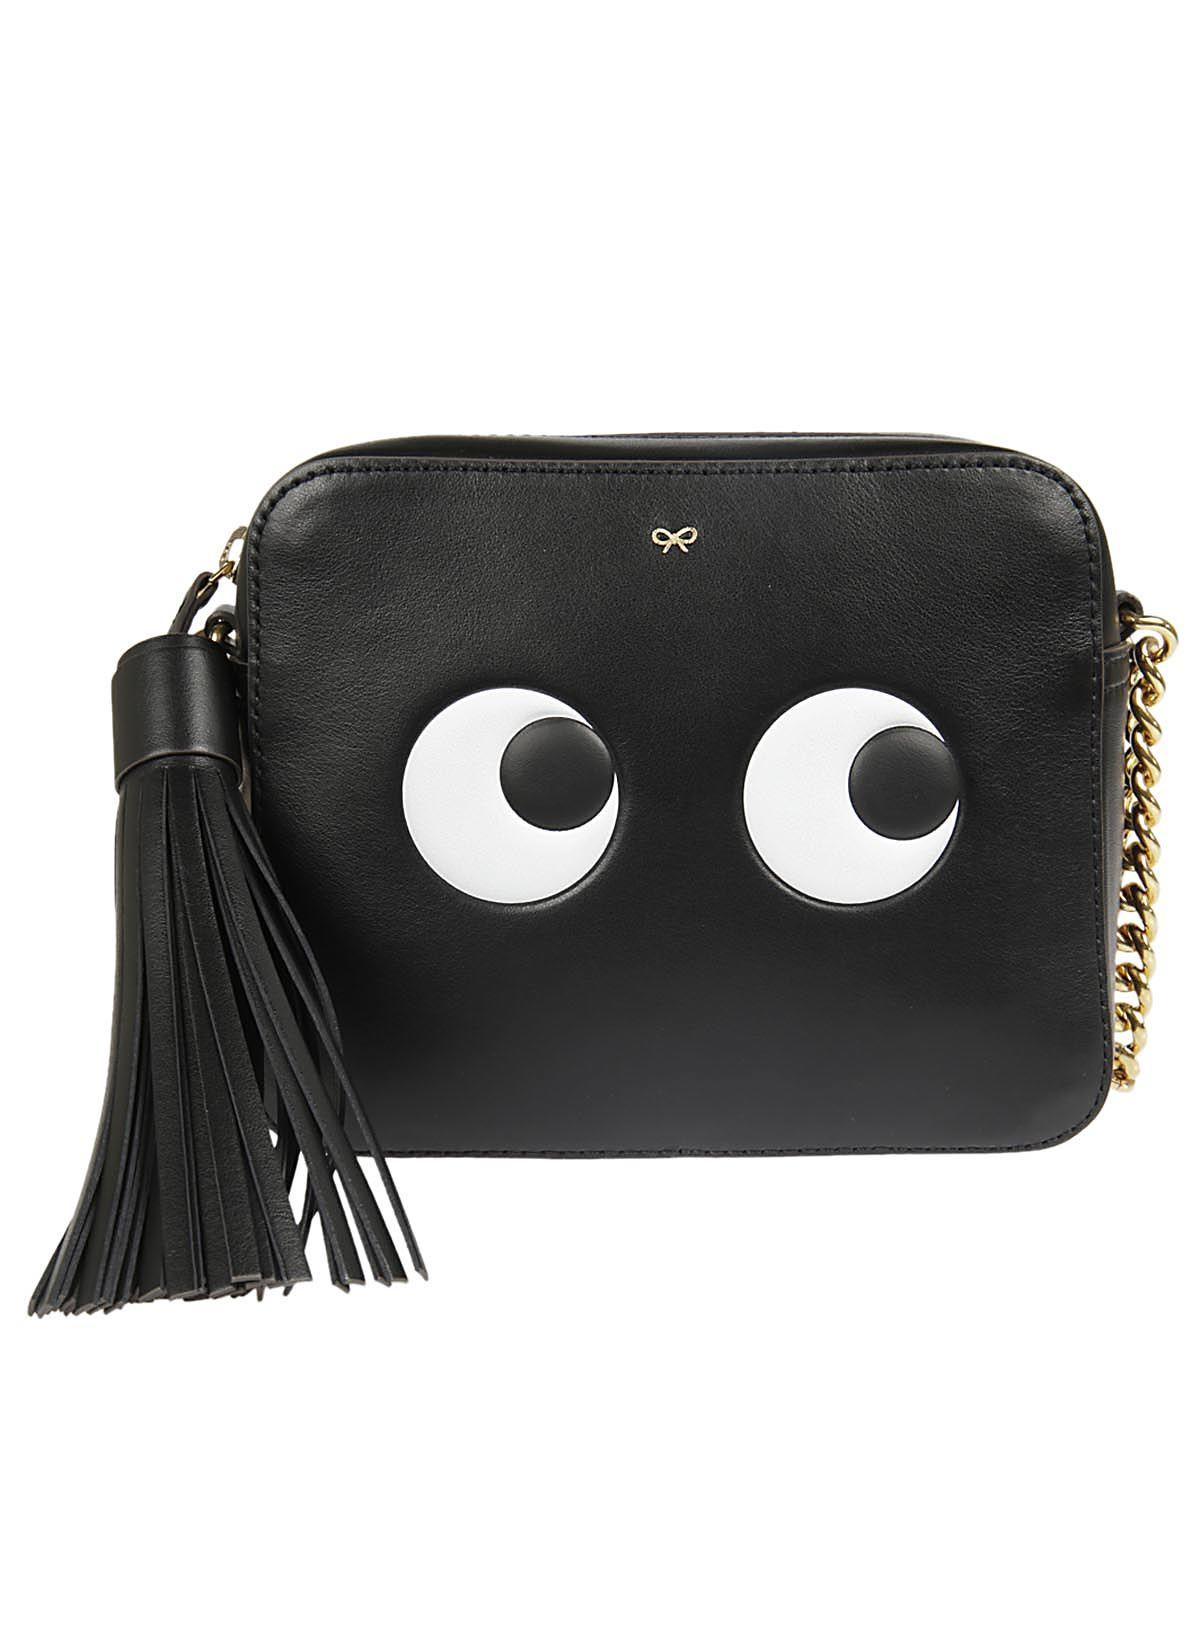 Anya Hindmarch Anya Hindmarch Eyes Right Shoulder Bag